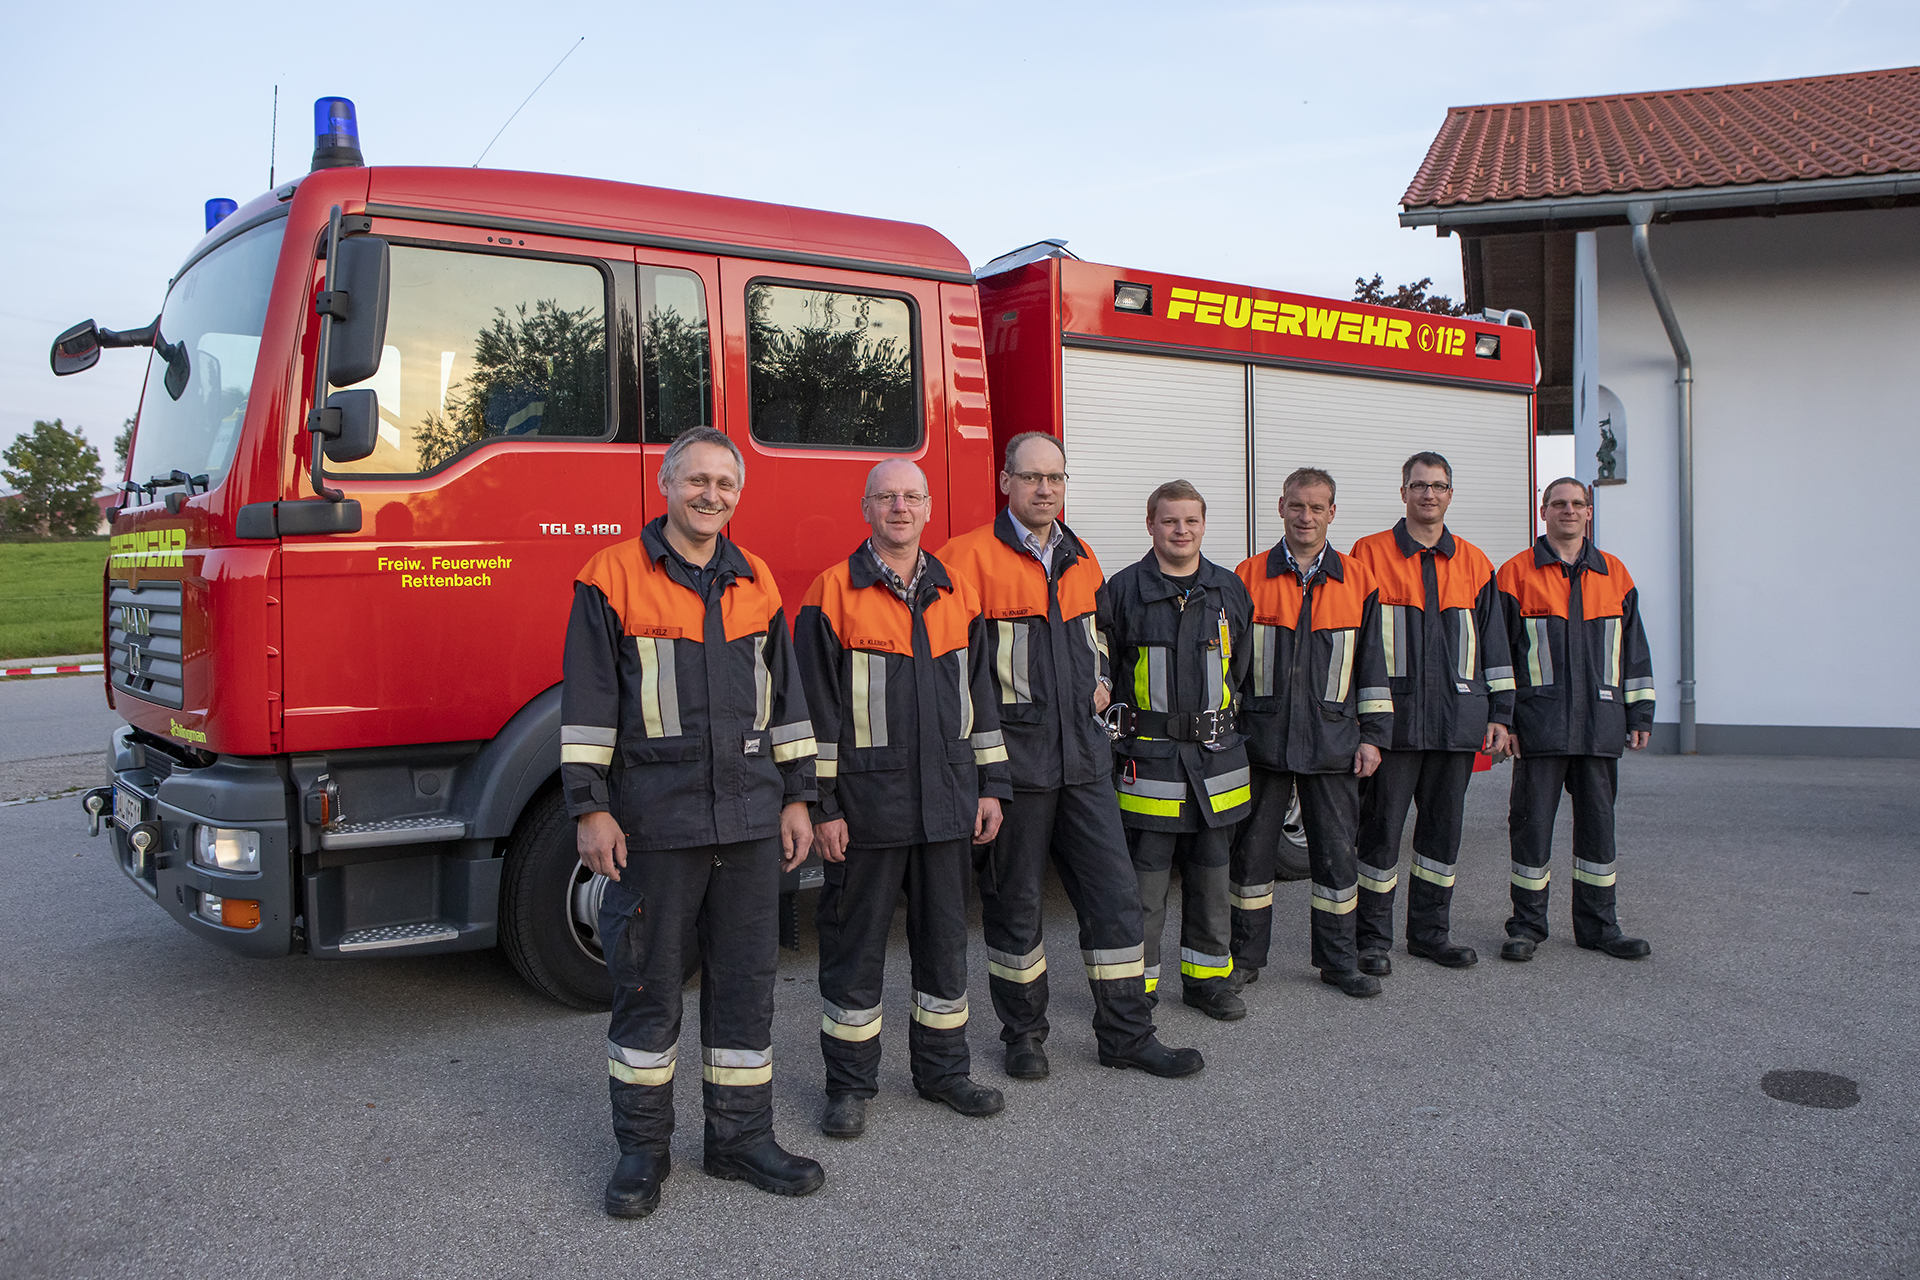 Feuerwehr Rettenbach